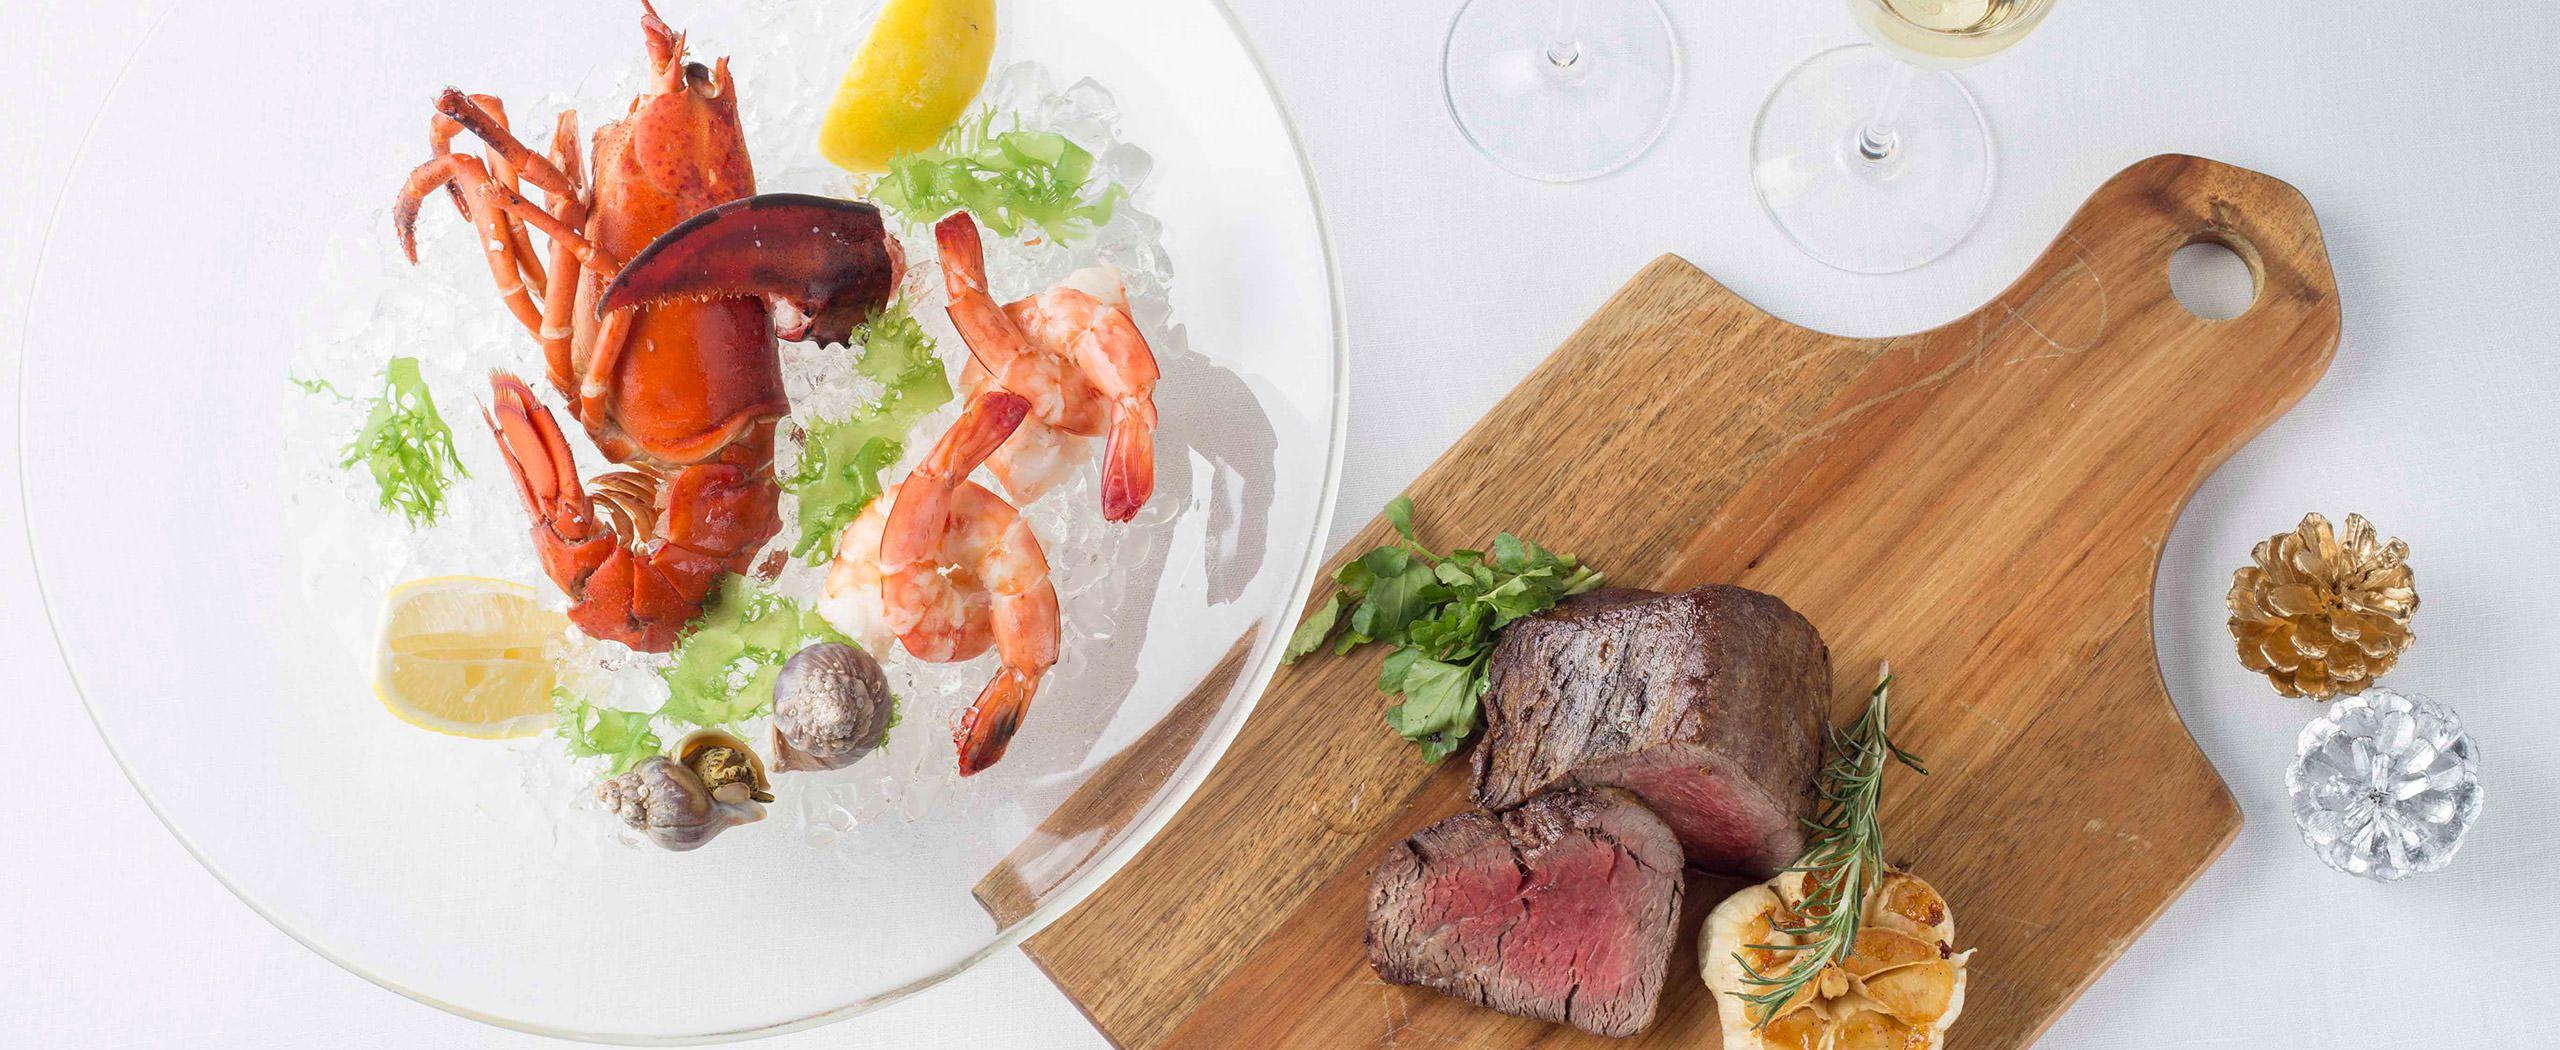 ステーキハウス・グリル、肉料理 「オーク ドア」